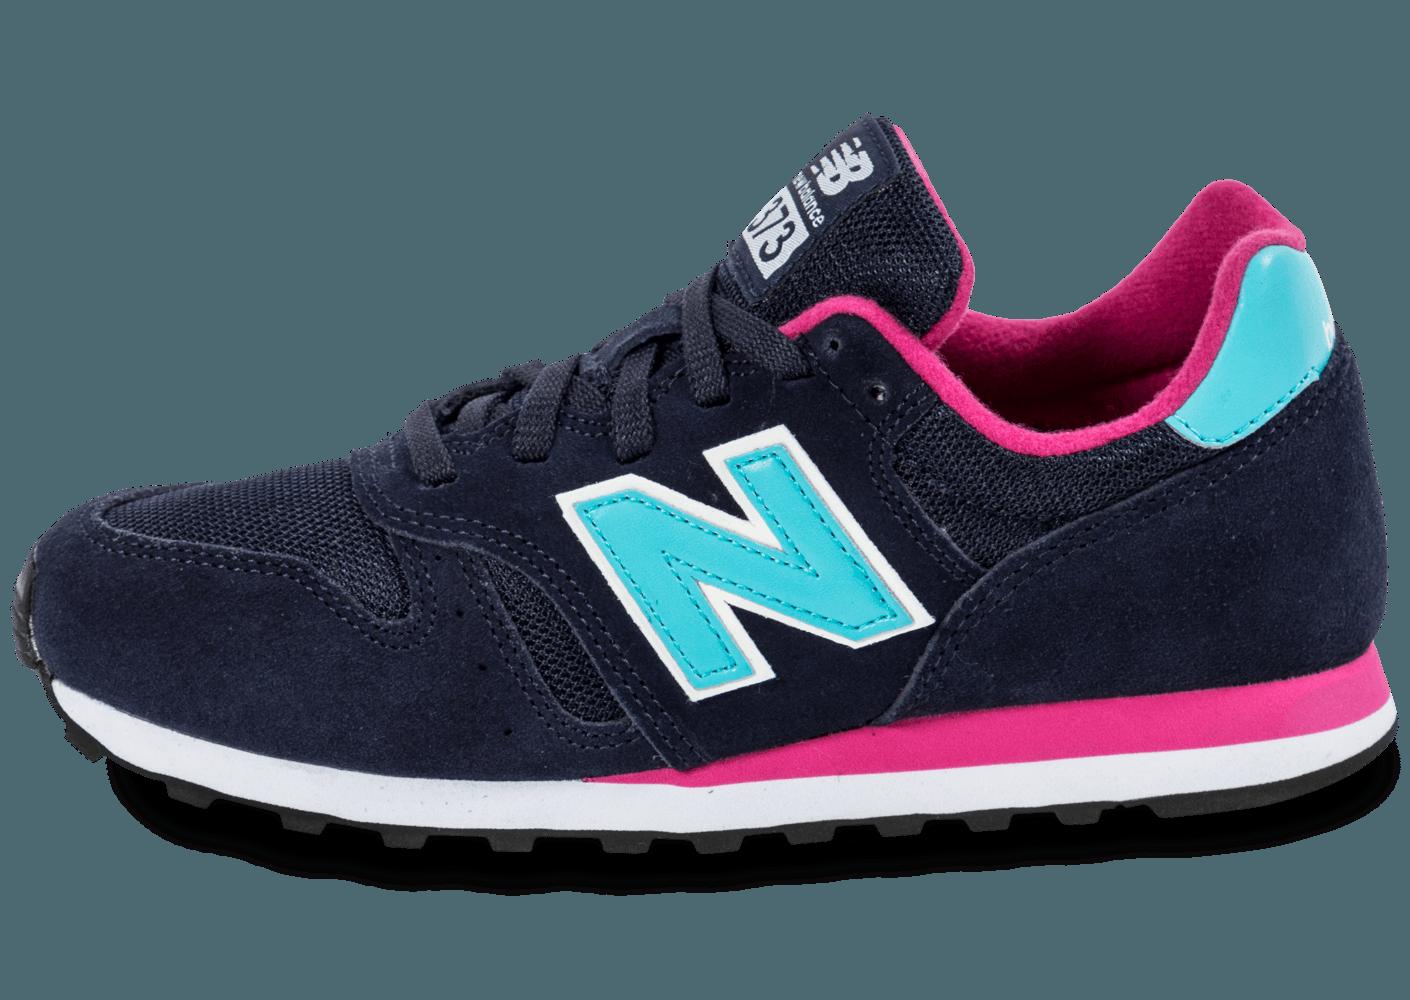 new balance femme bleu rose